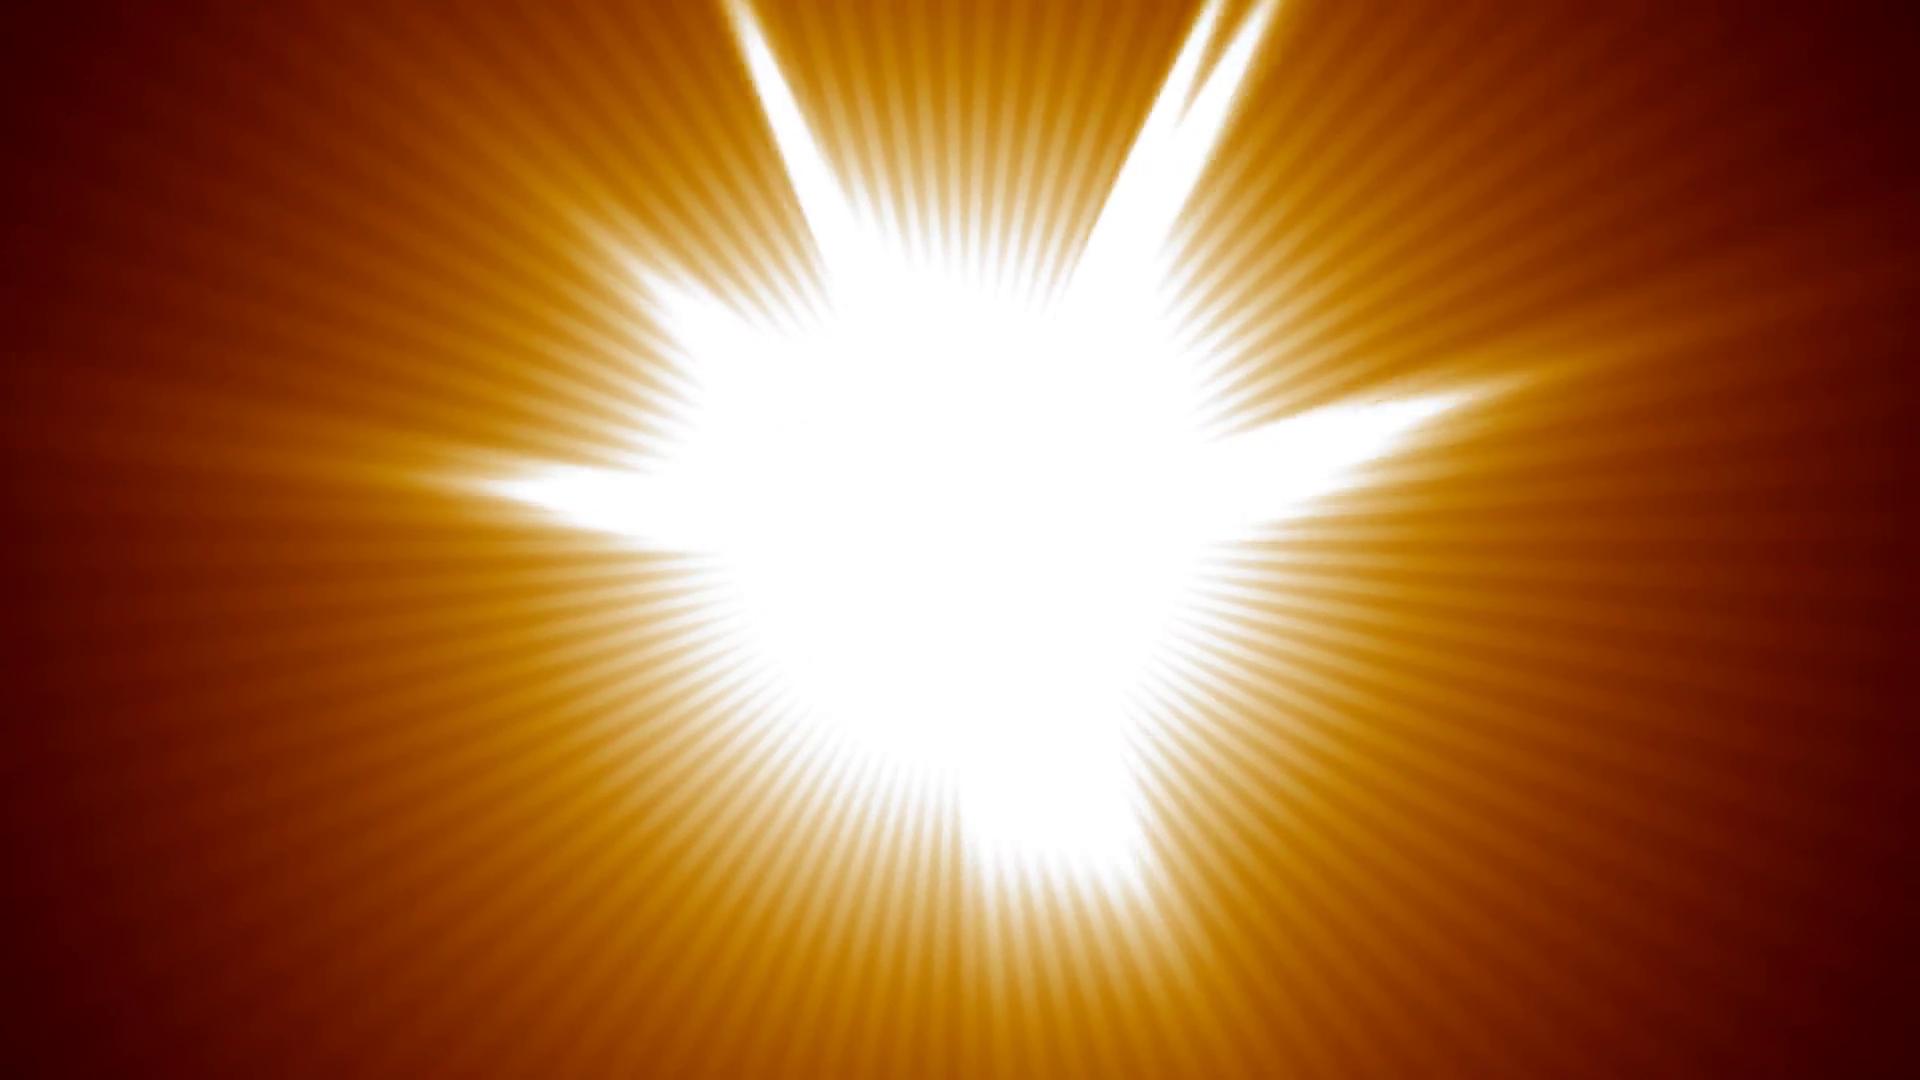 Light Burst from Center Motion Background - Videoblocks